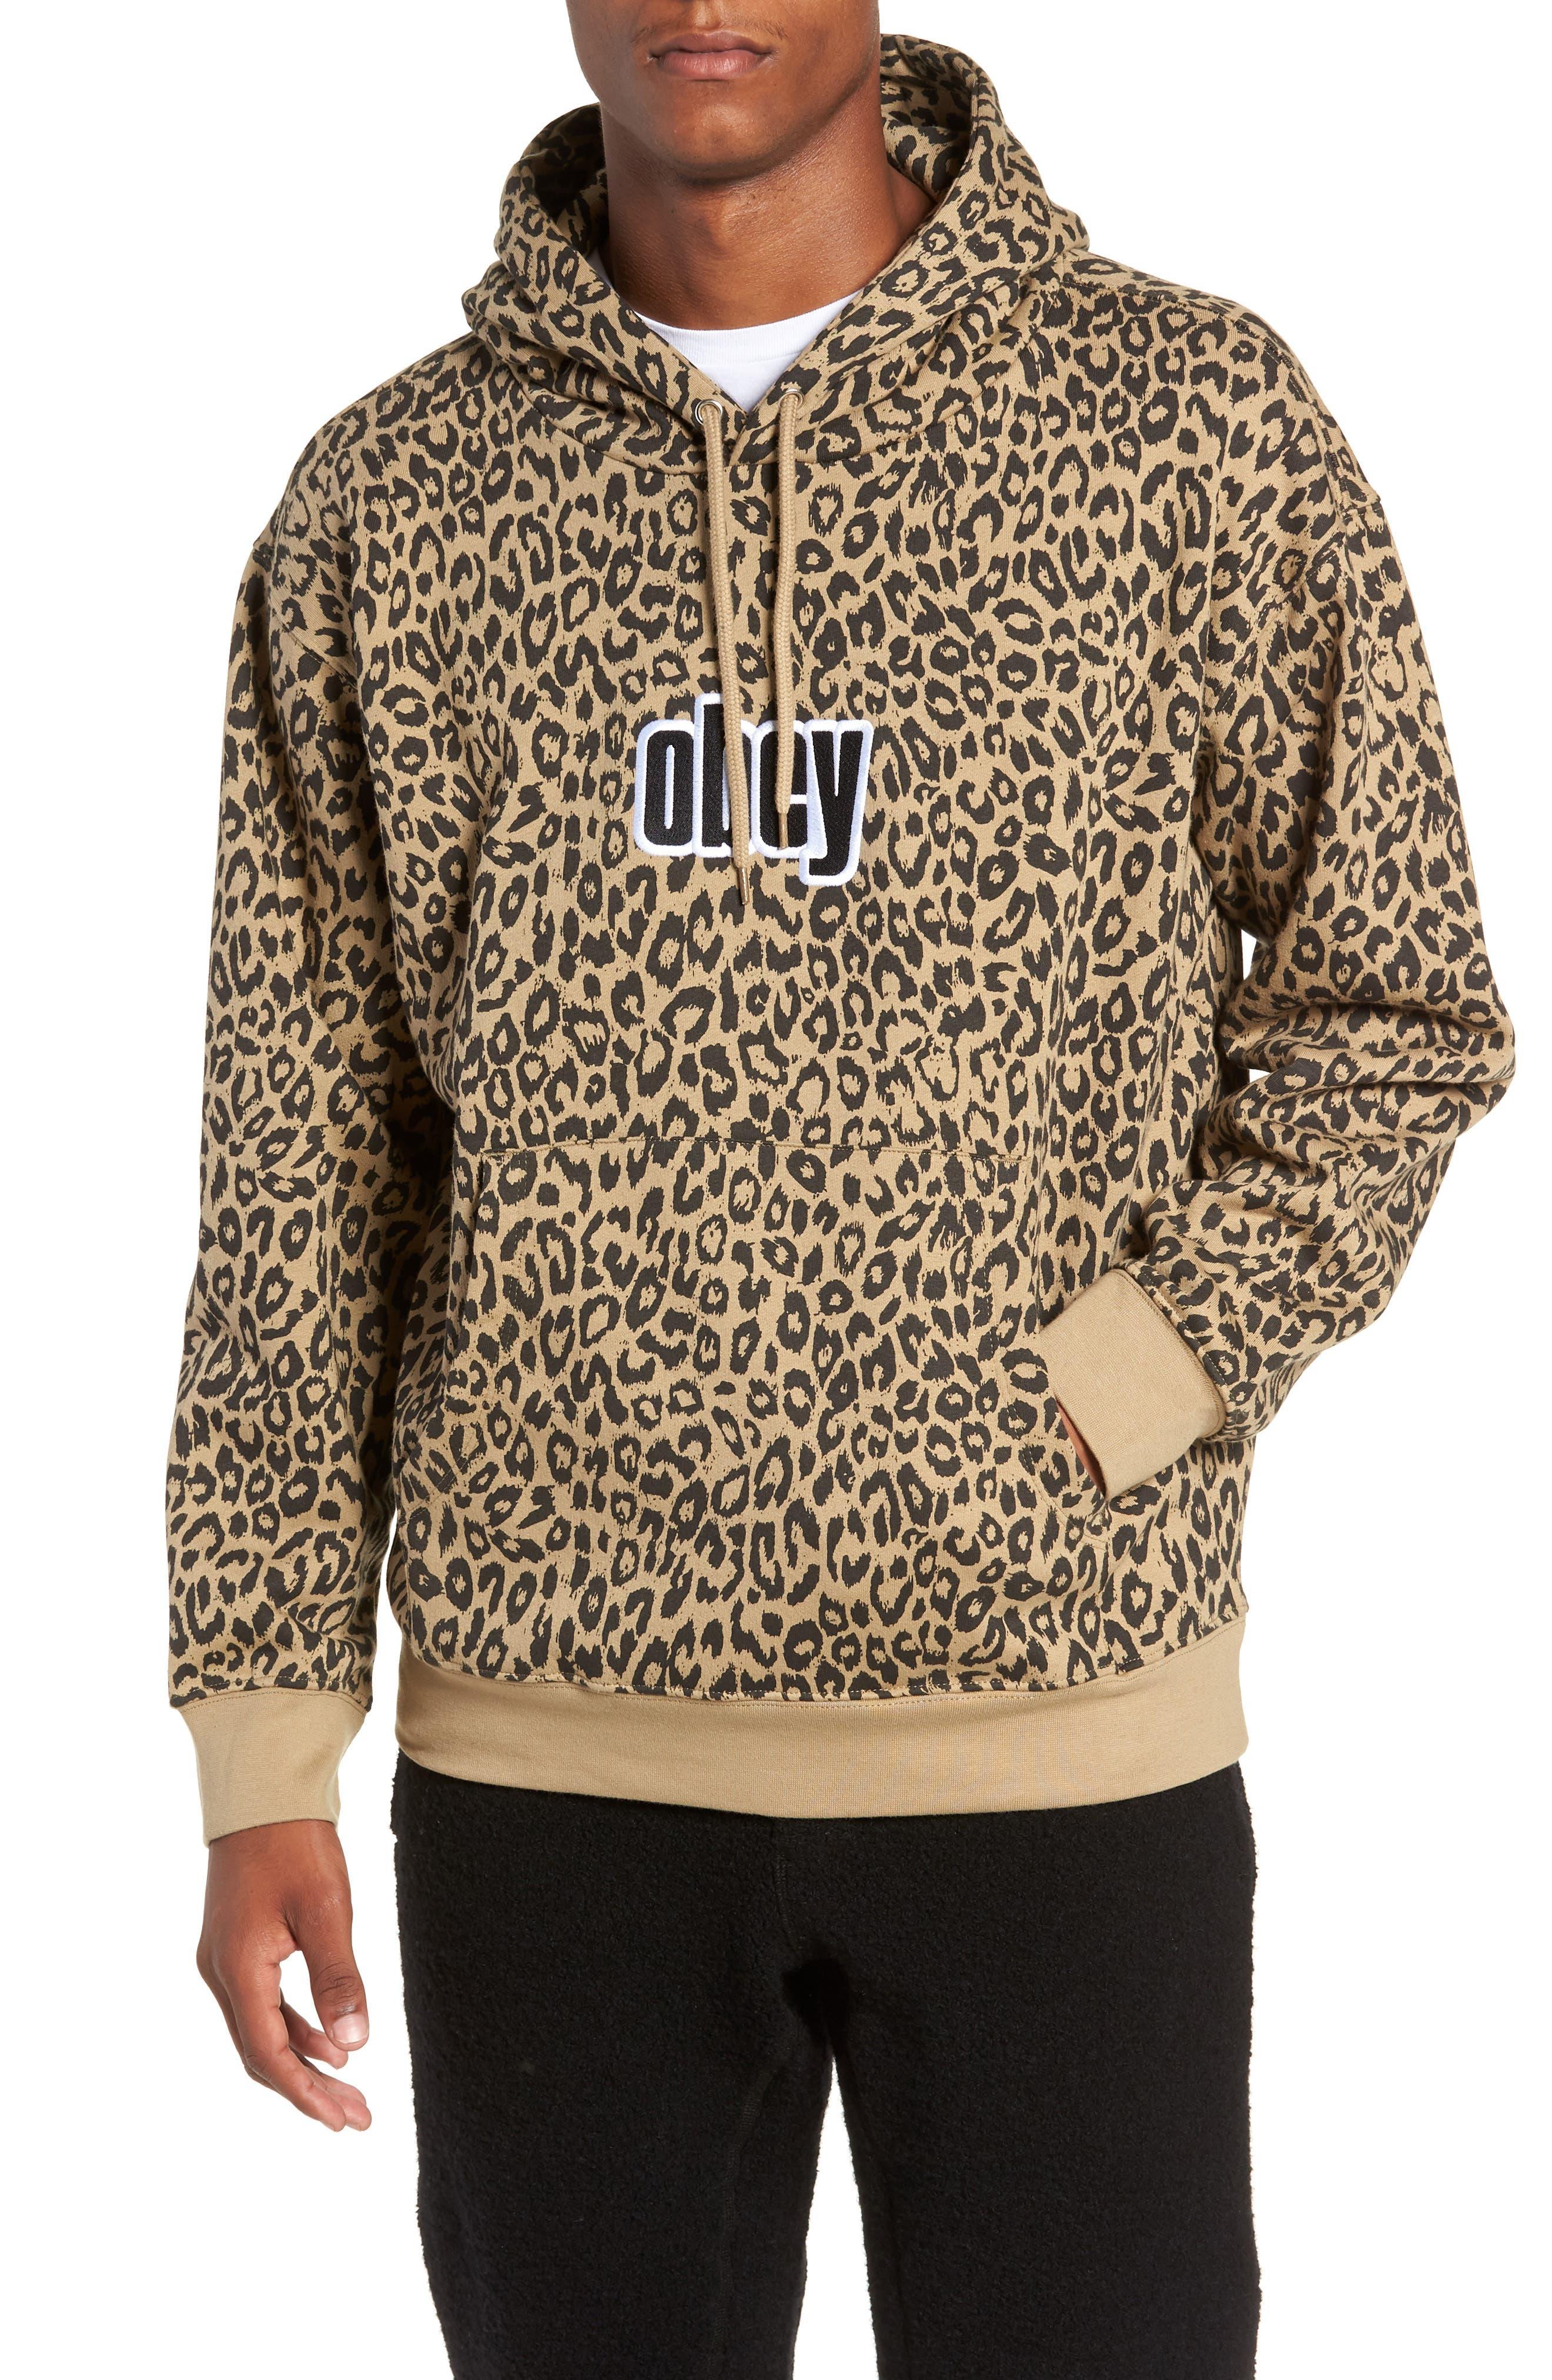 OBEY Gusto Hooded Sweatshirt in Khaki Leopard